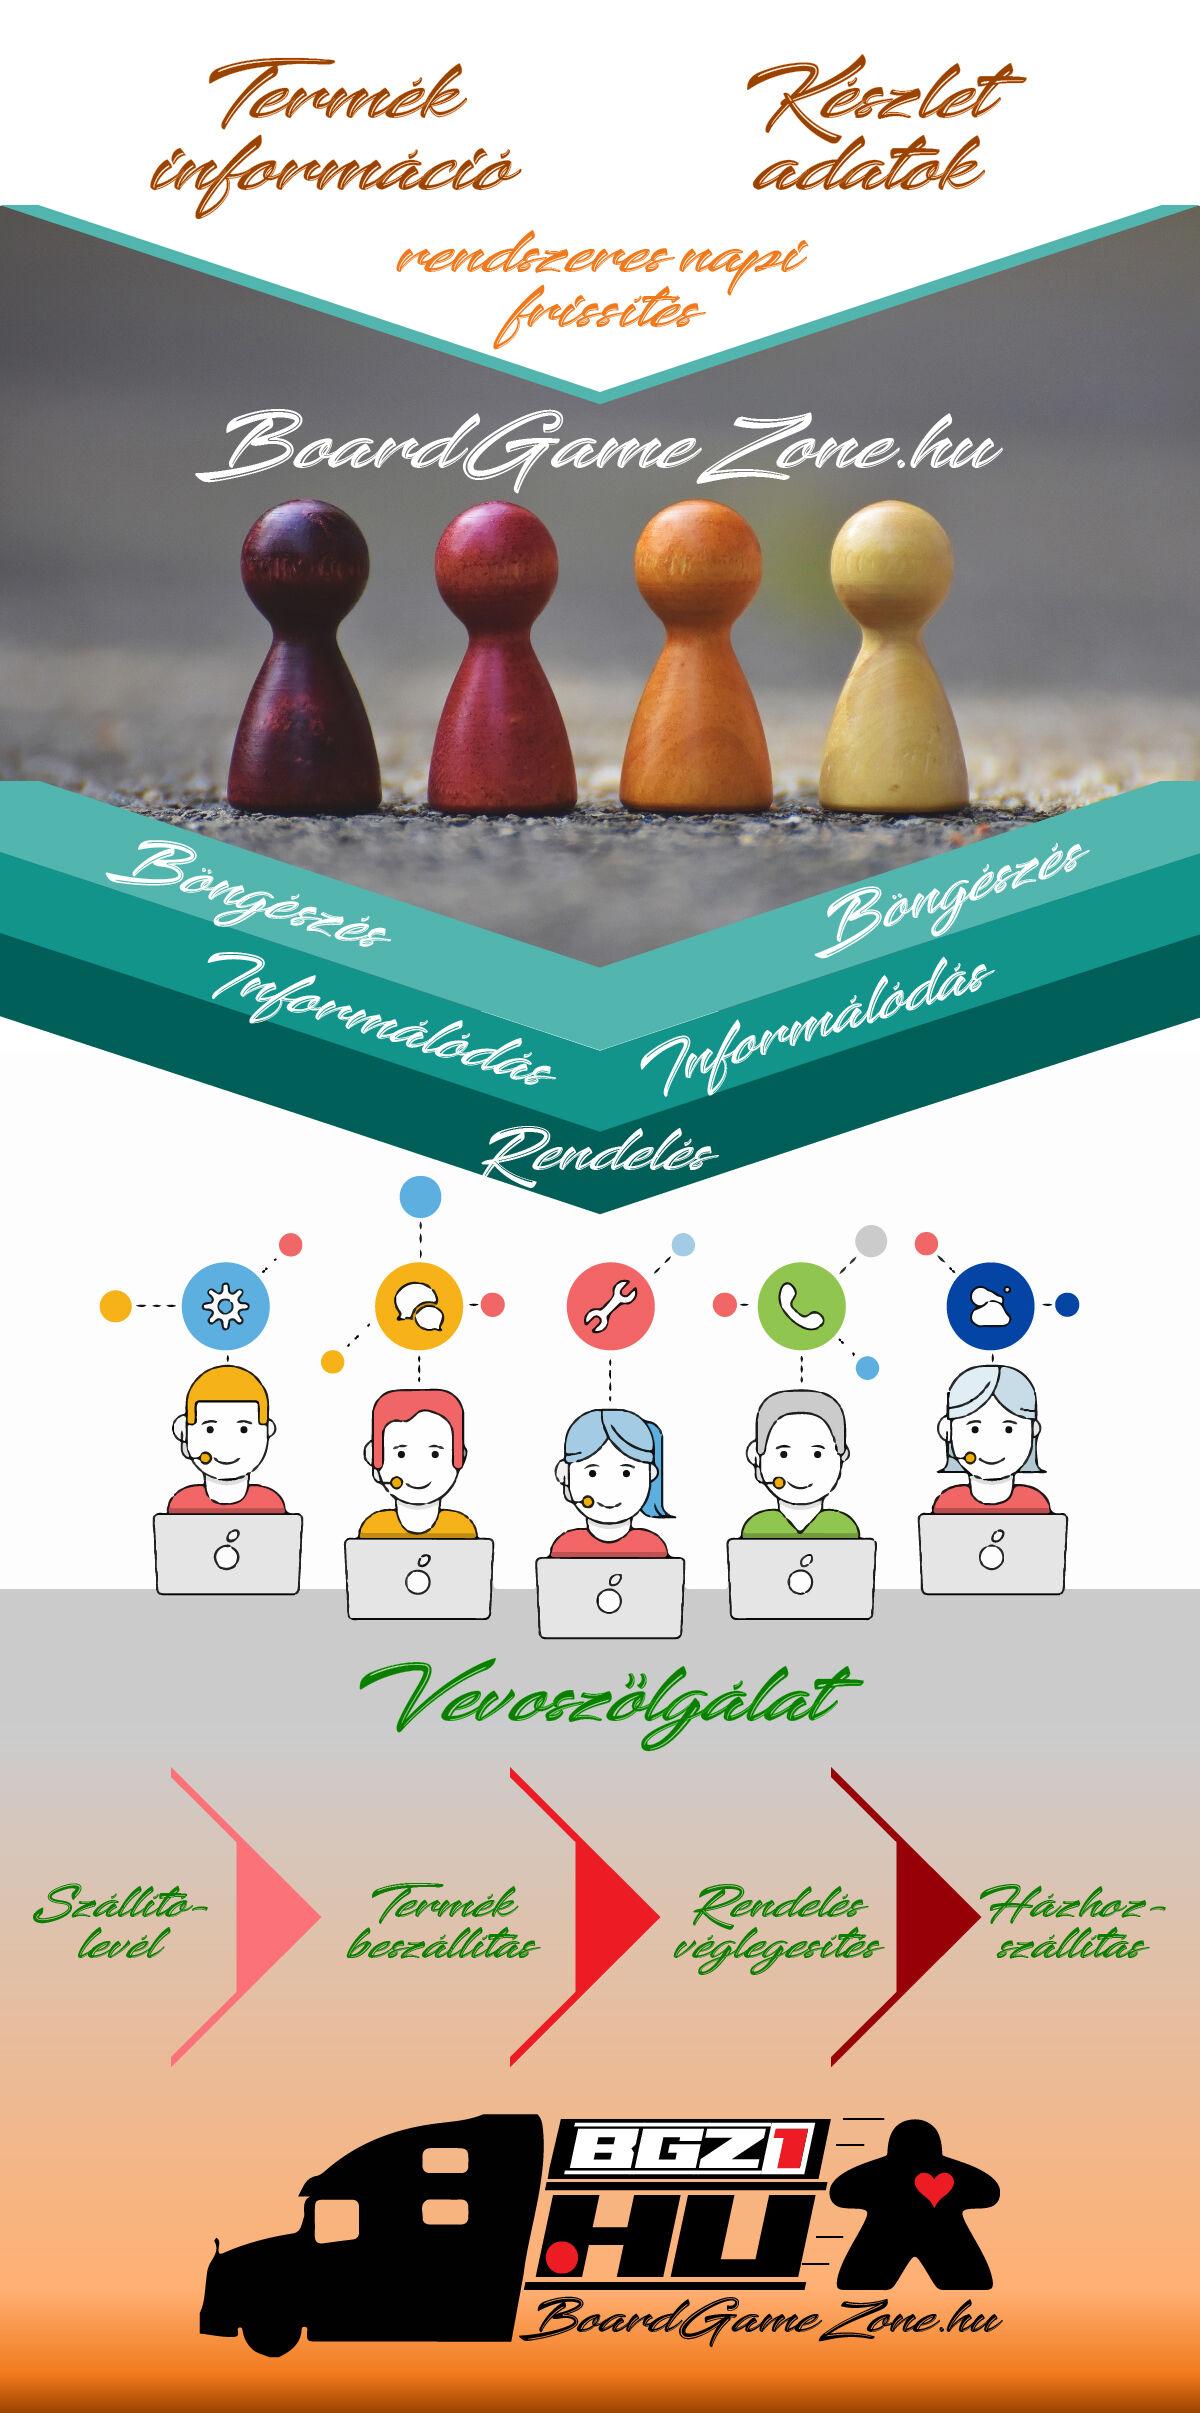 A BoardGameZone.hu külföldi társasjátékokat forgalmazó webáruház működési modellje